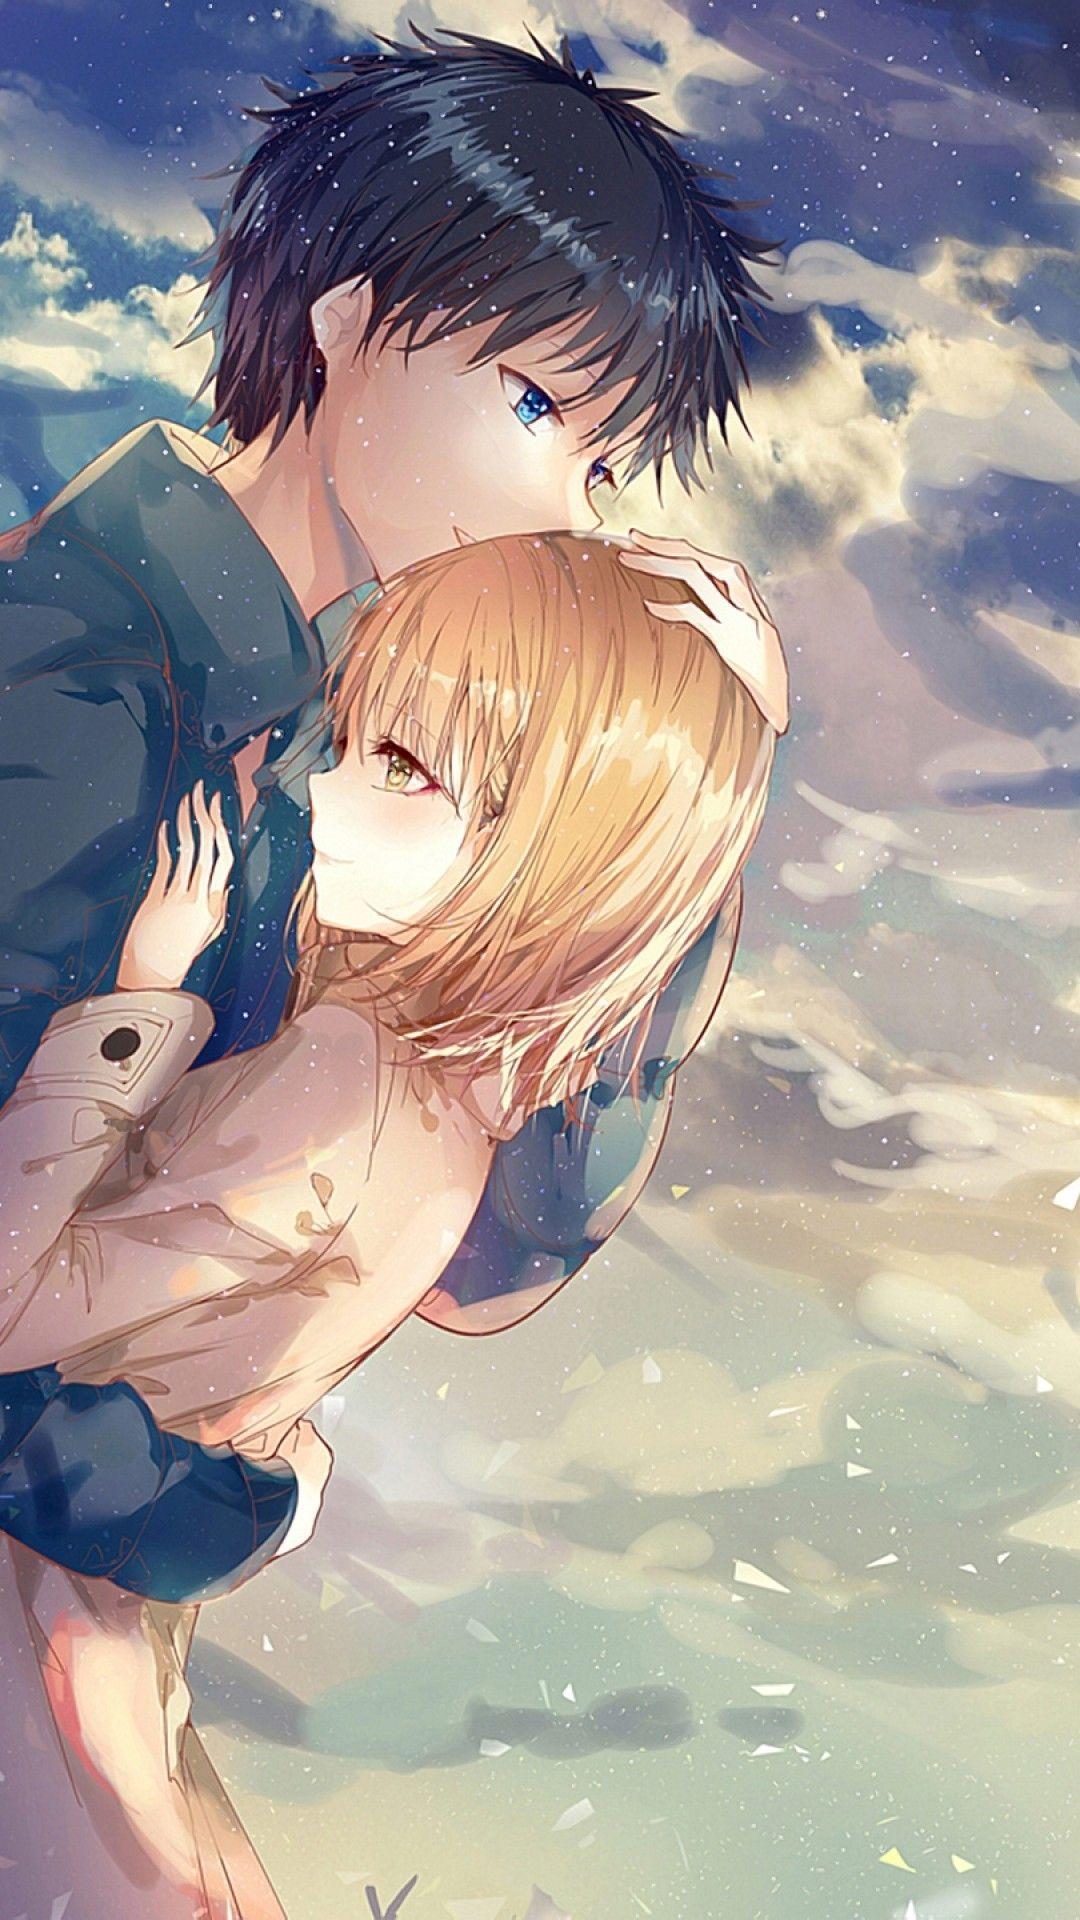 Wallpaper Anime Romantis : wallpaper, anime, romantis, ユニフォーム